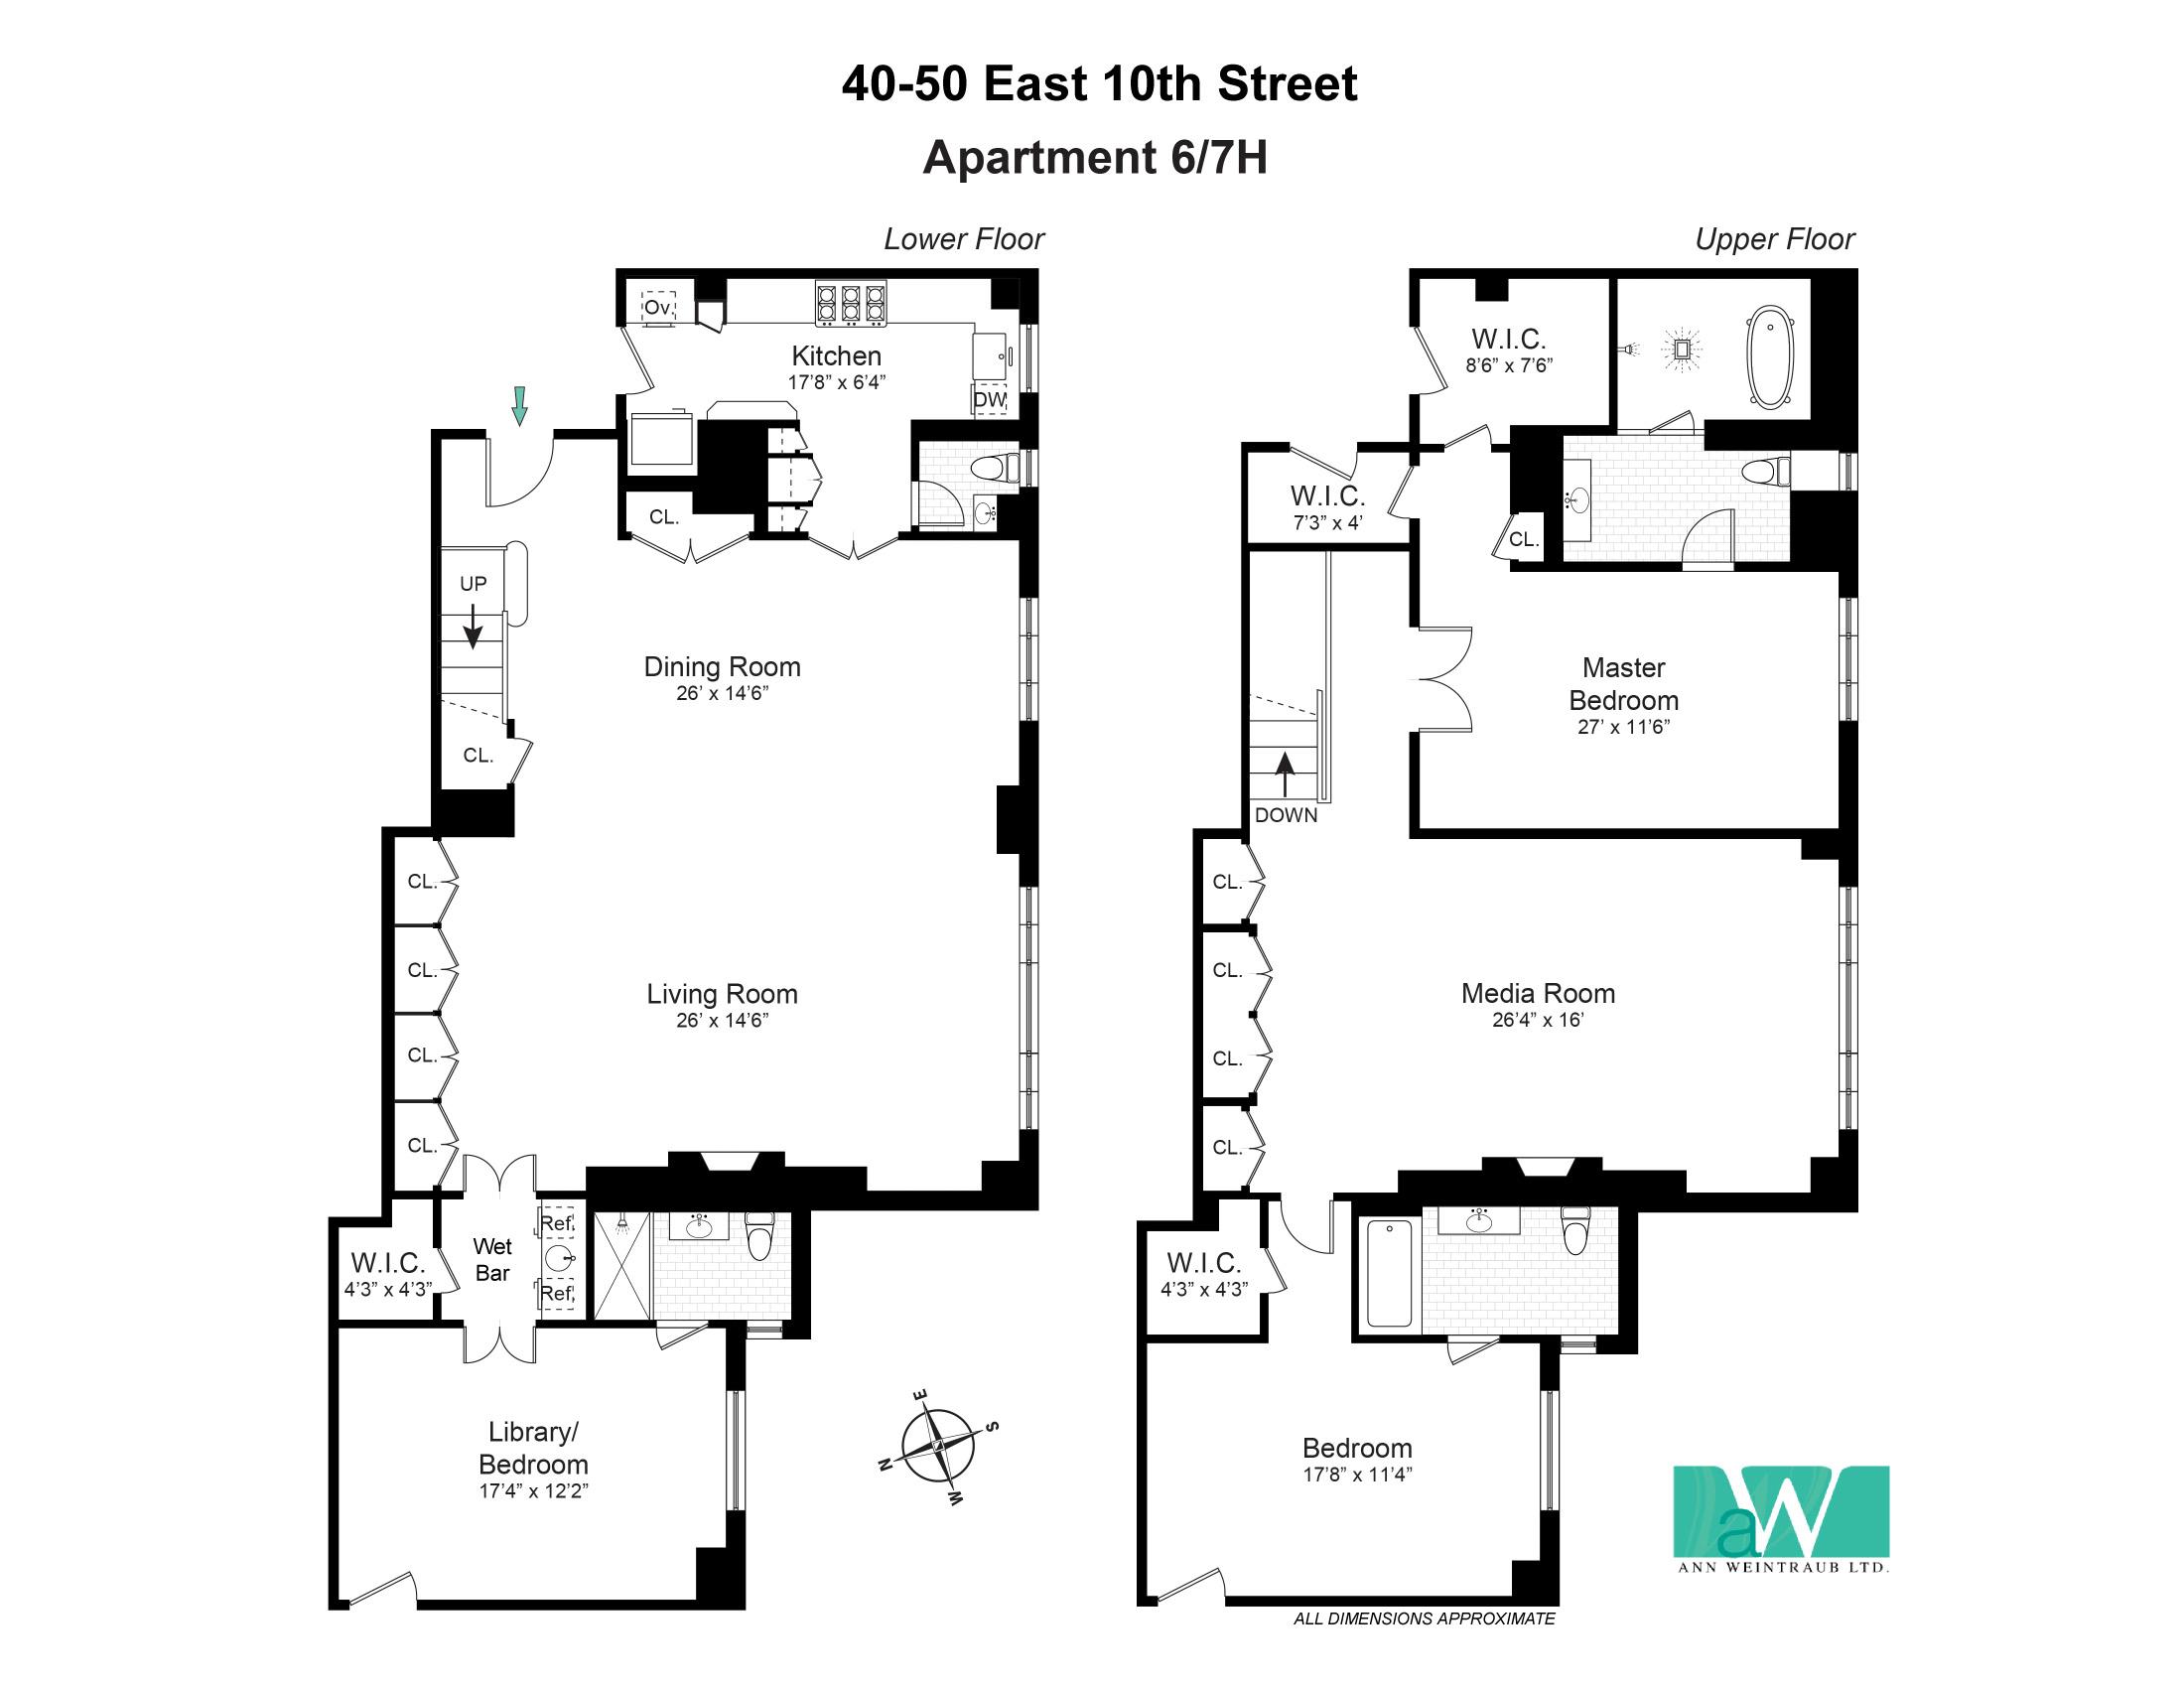 40-50 East 10th St, Apt. 6/7H Floorplan